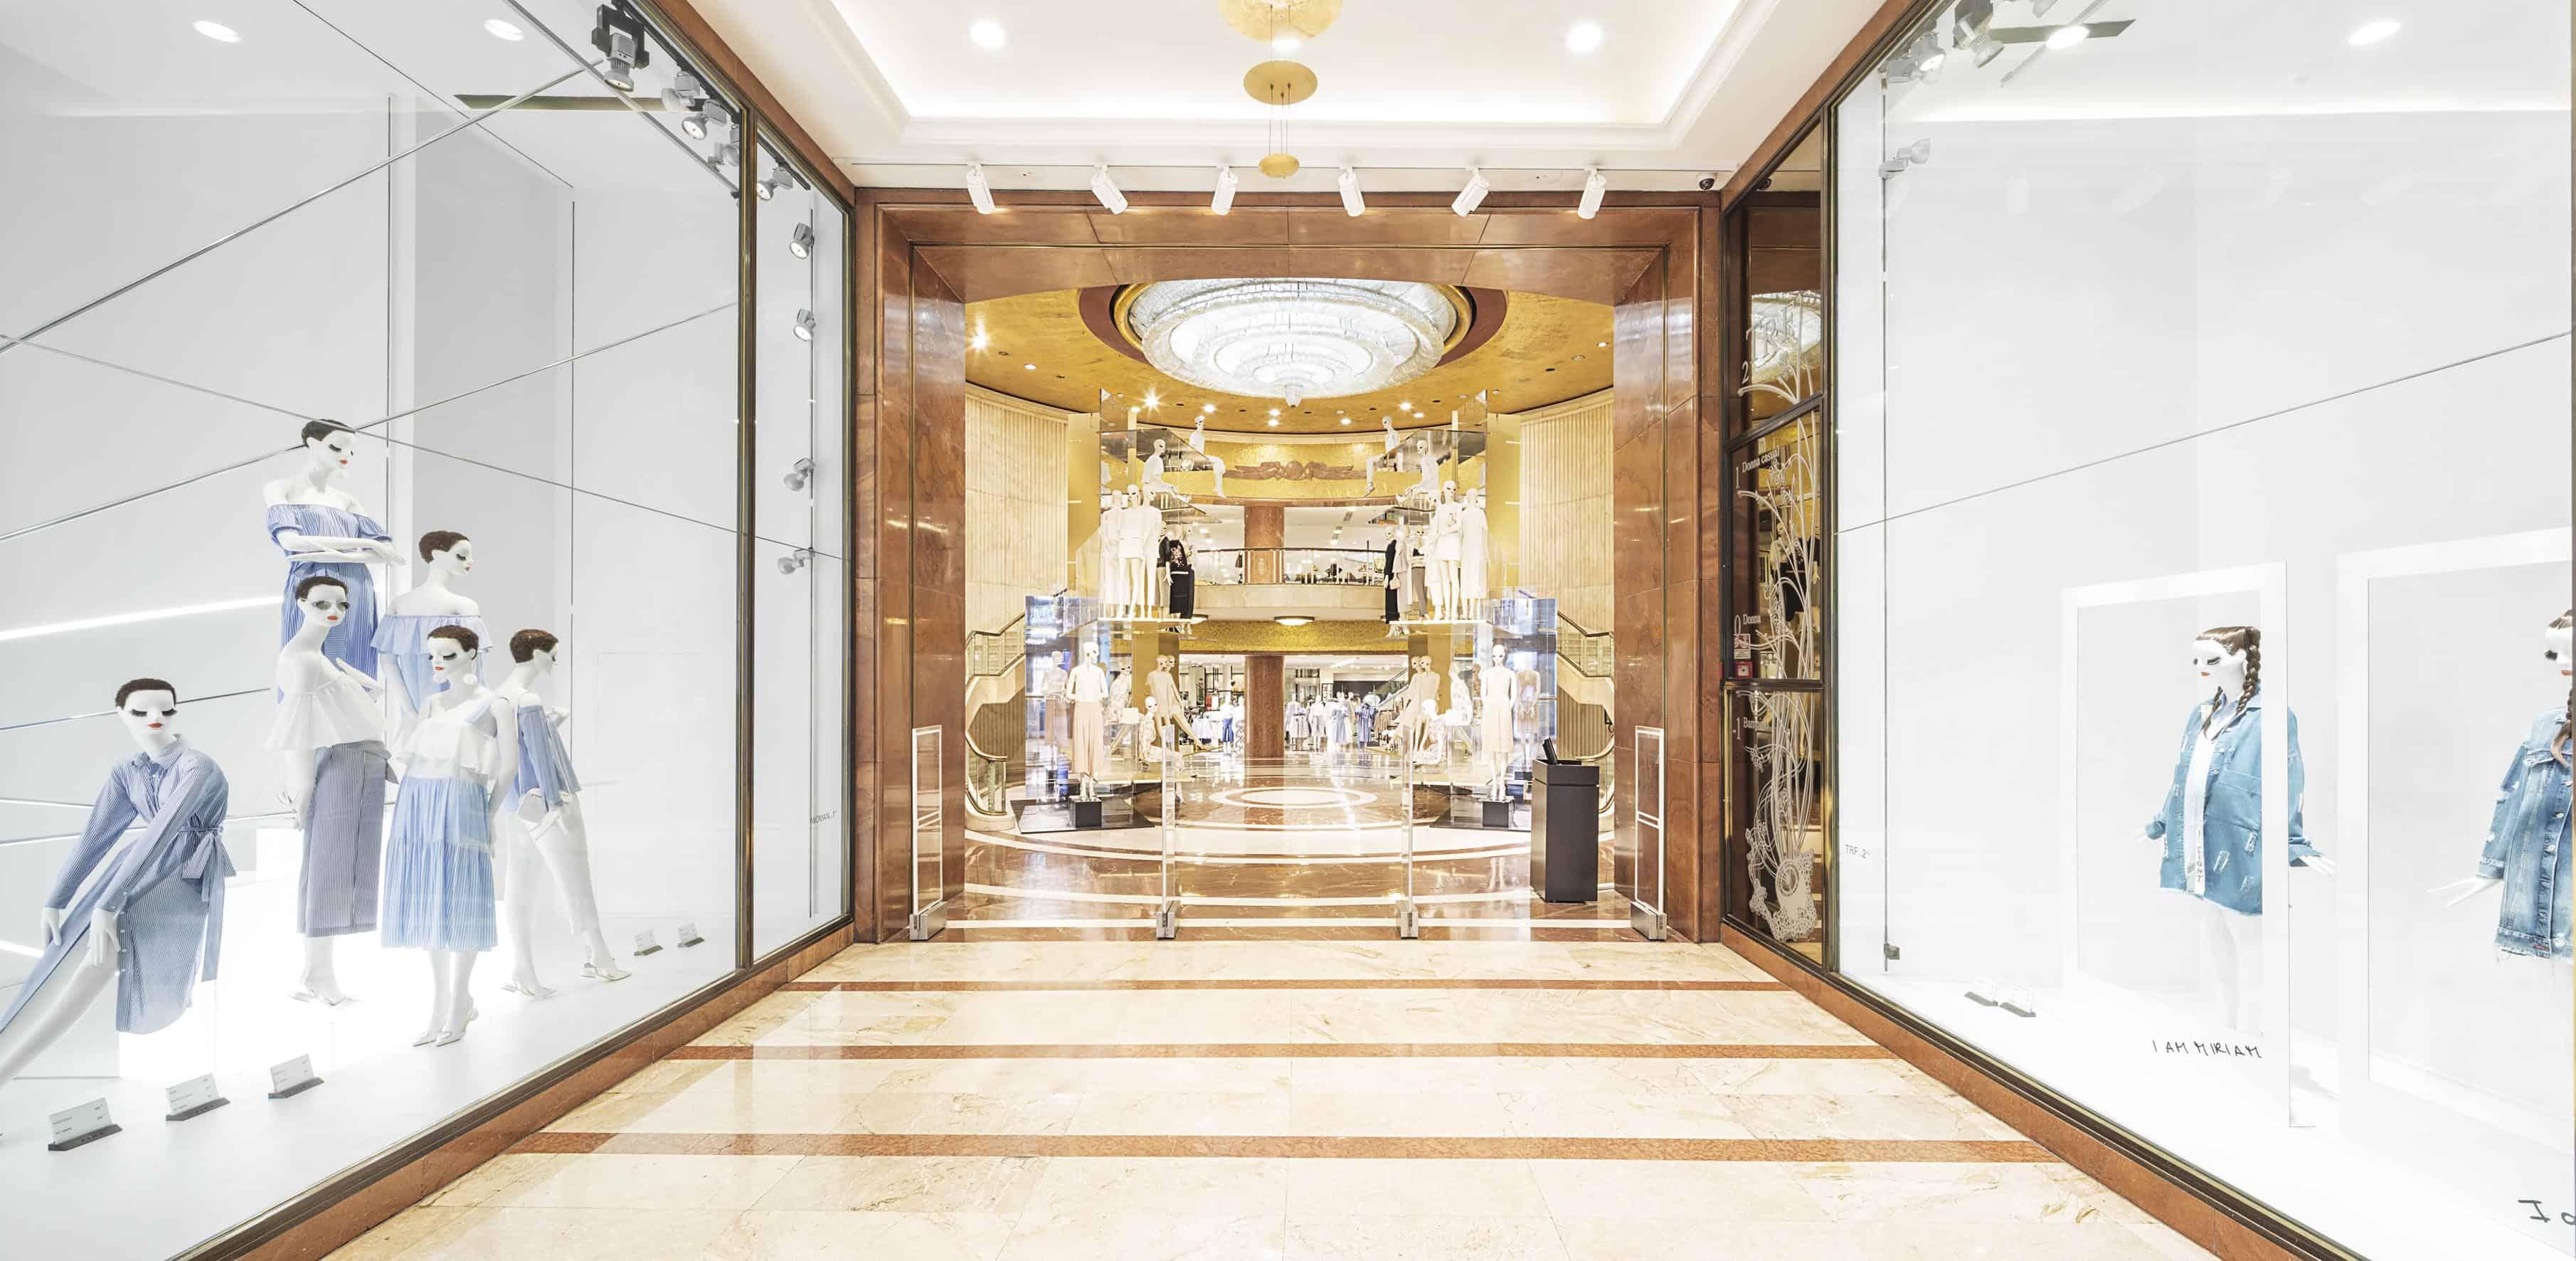 Corso interior design milano simple corso interior design for Corso design interni milano